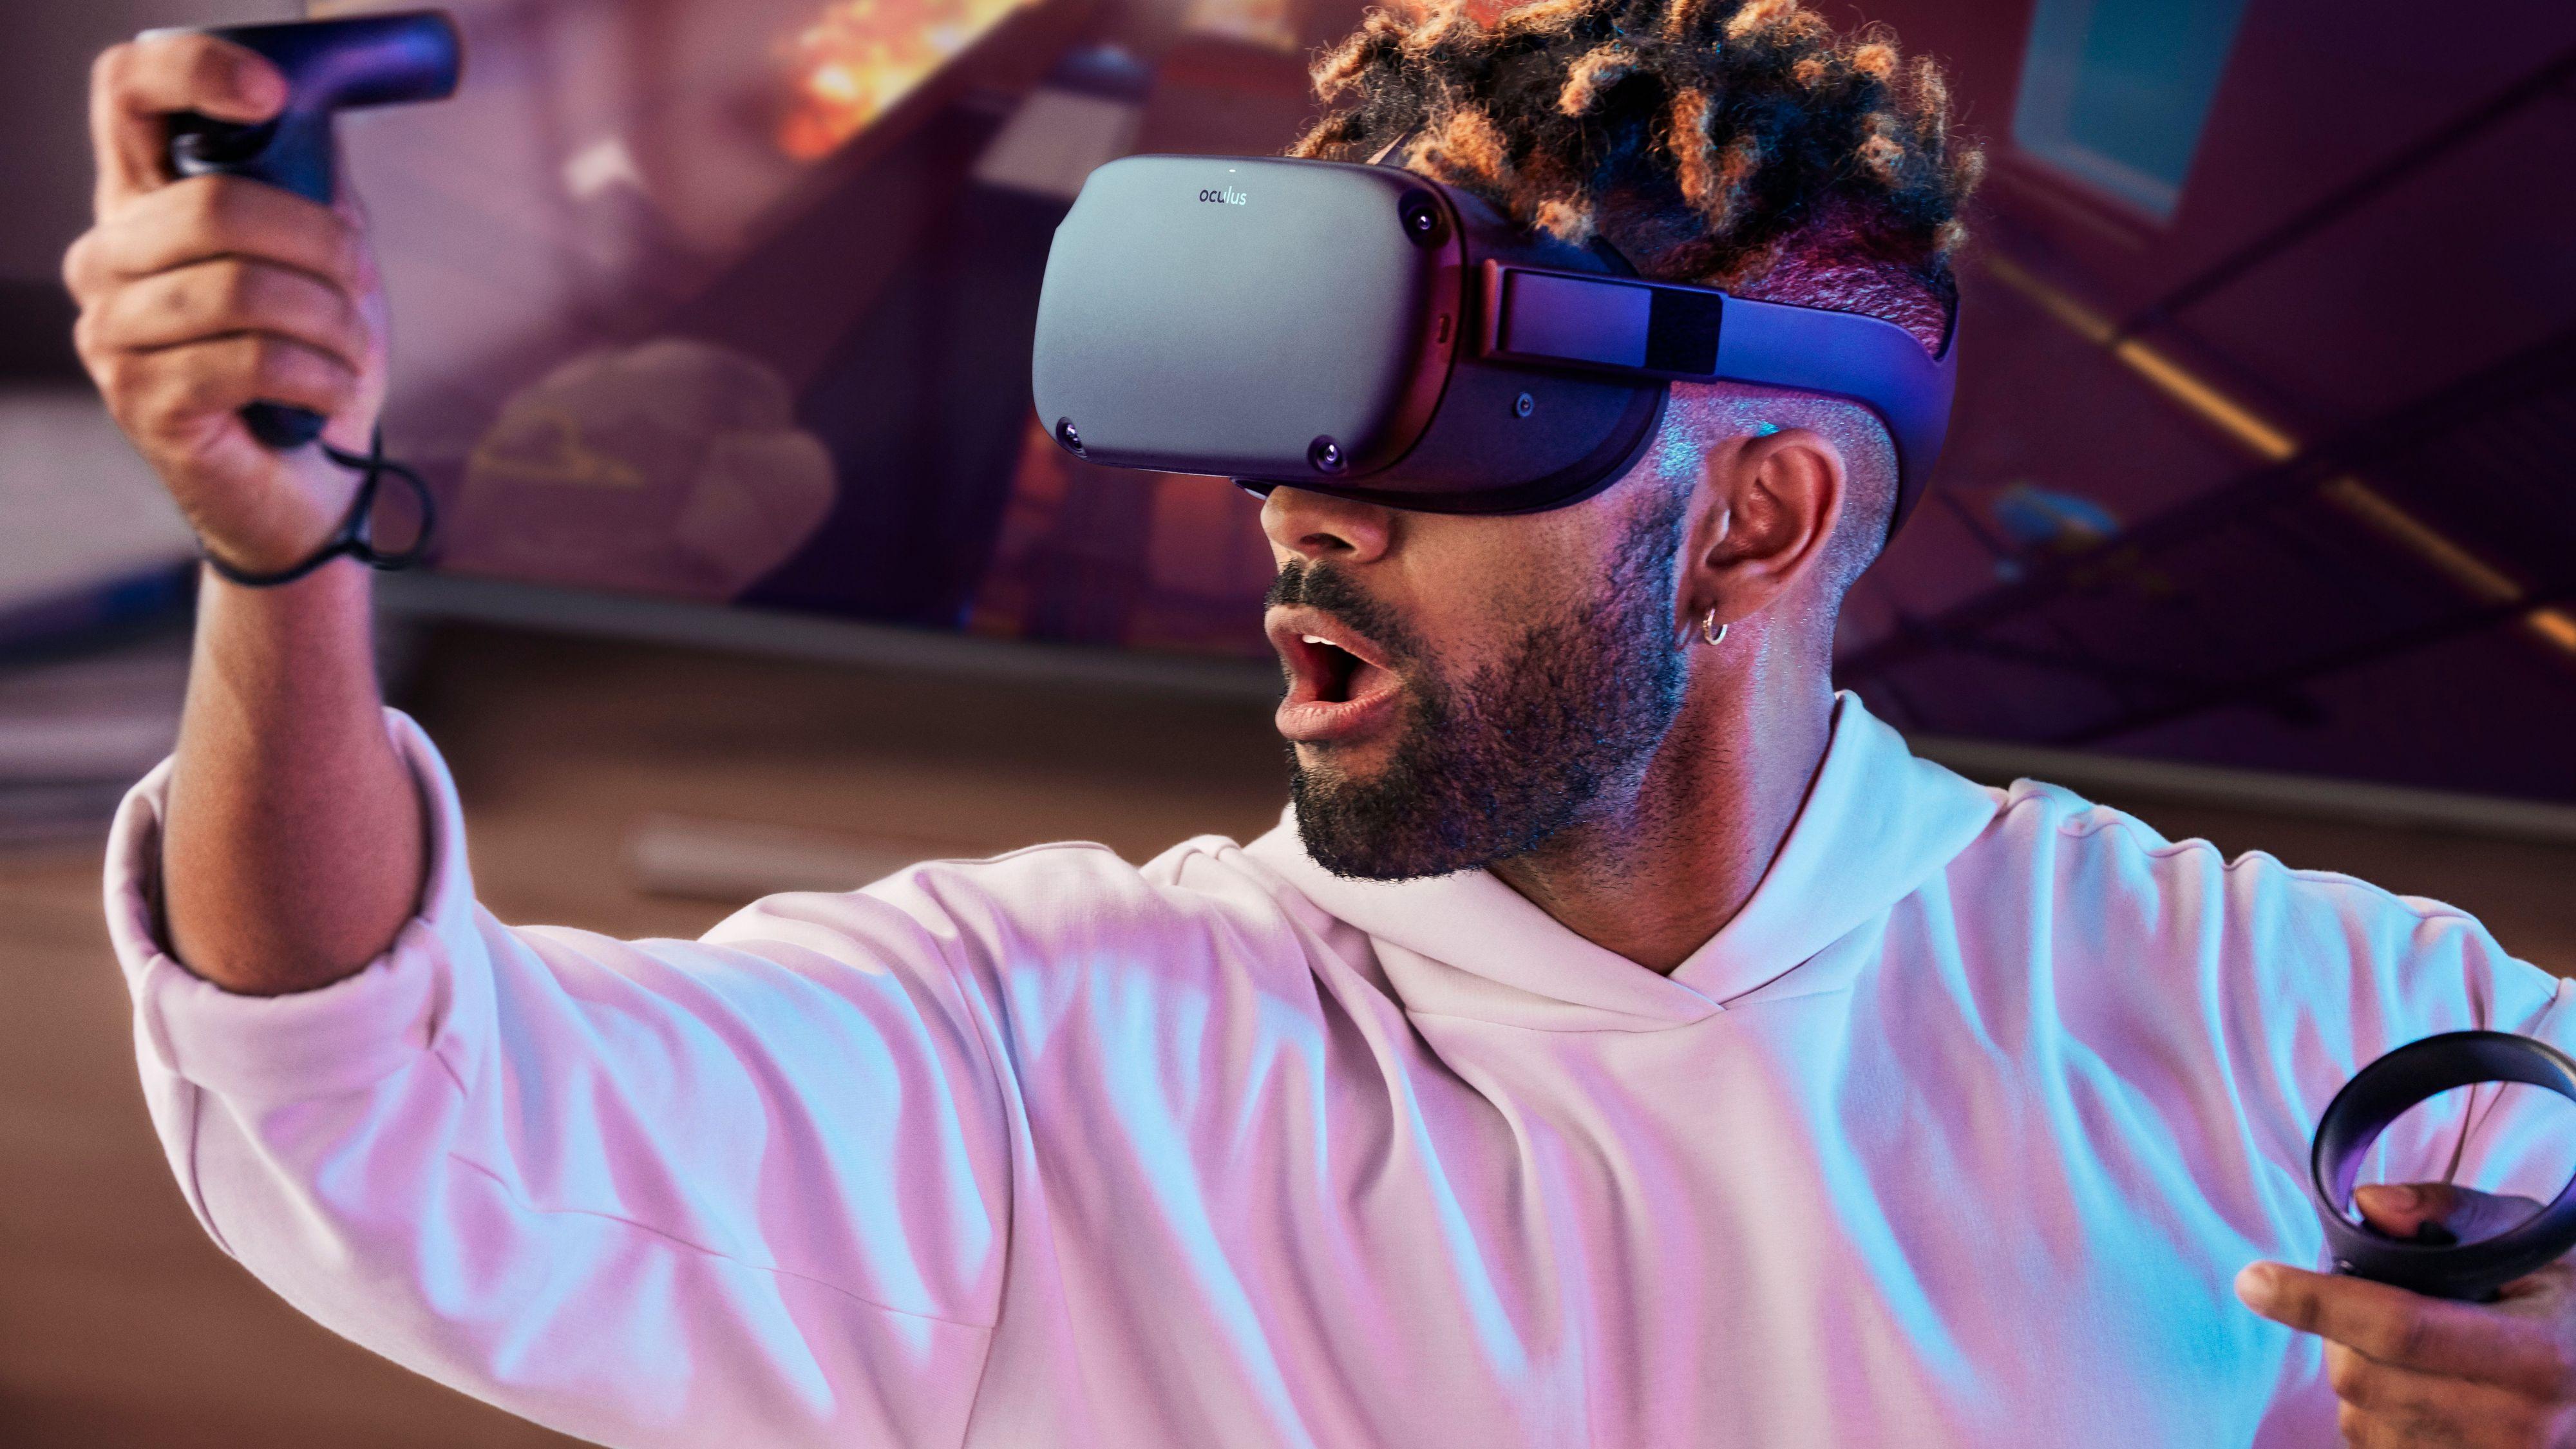 Oculus' nye VR-briller gir deg full bevegelsessporing og ingen kabler i en rimelig pakke